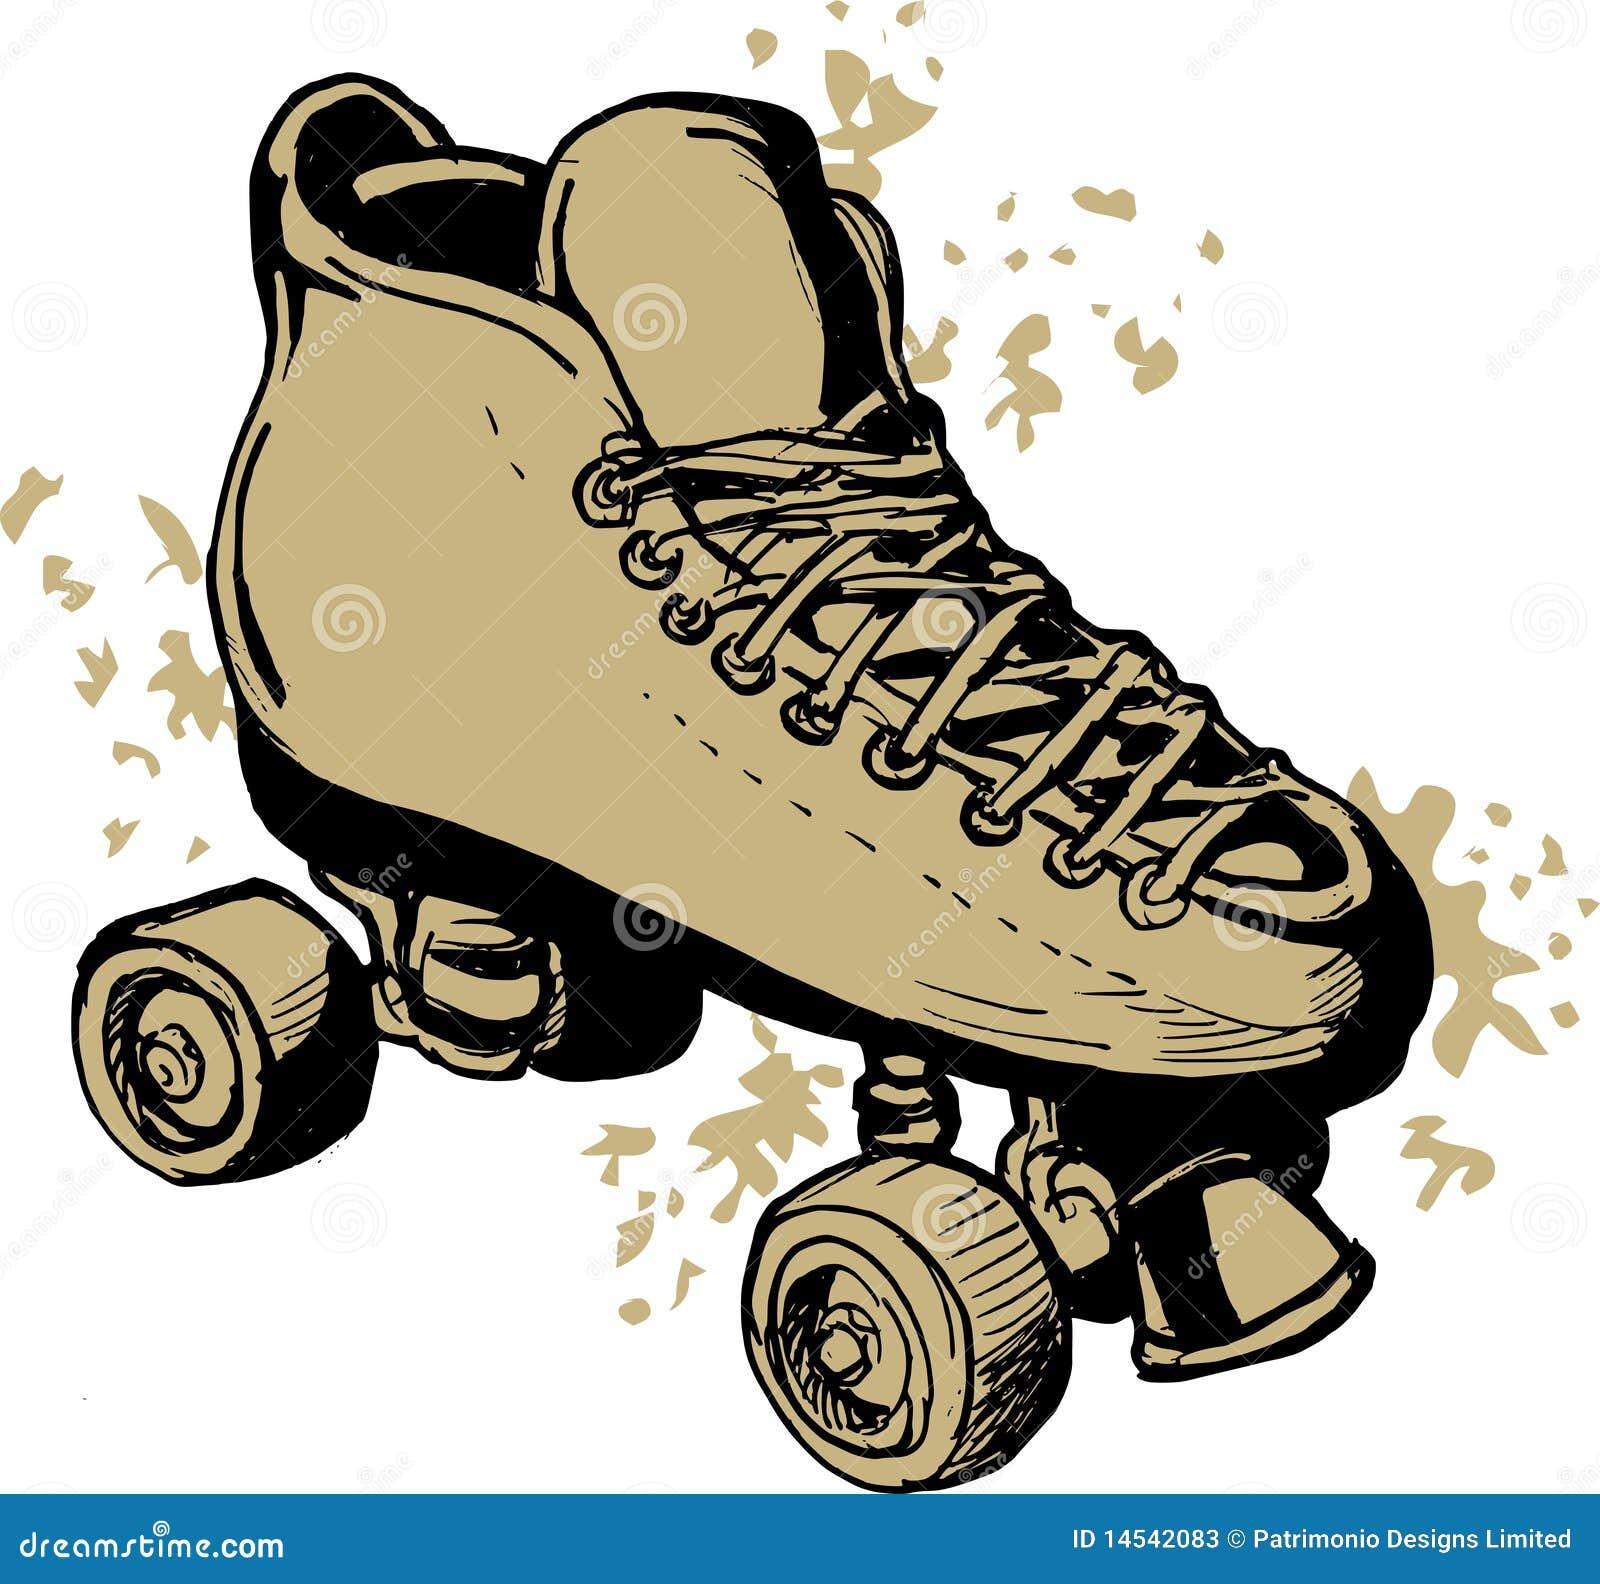 Roller skates for roller derby - Derby Roller Skates Drawing Stock Photos